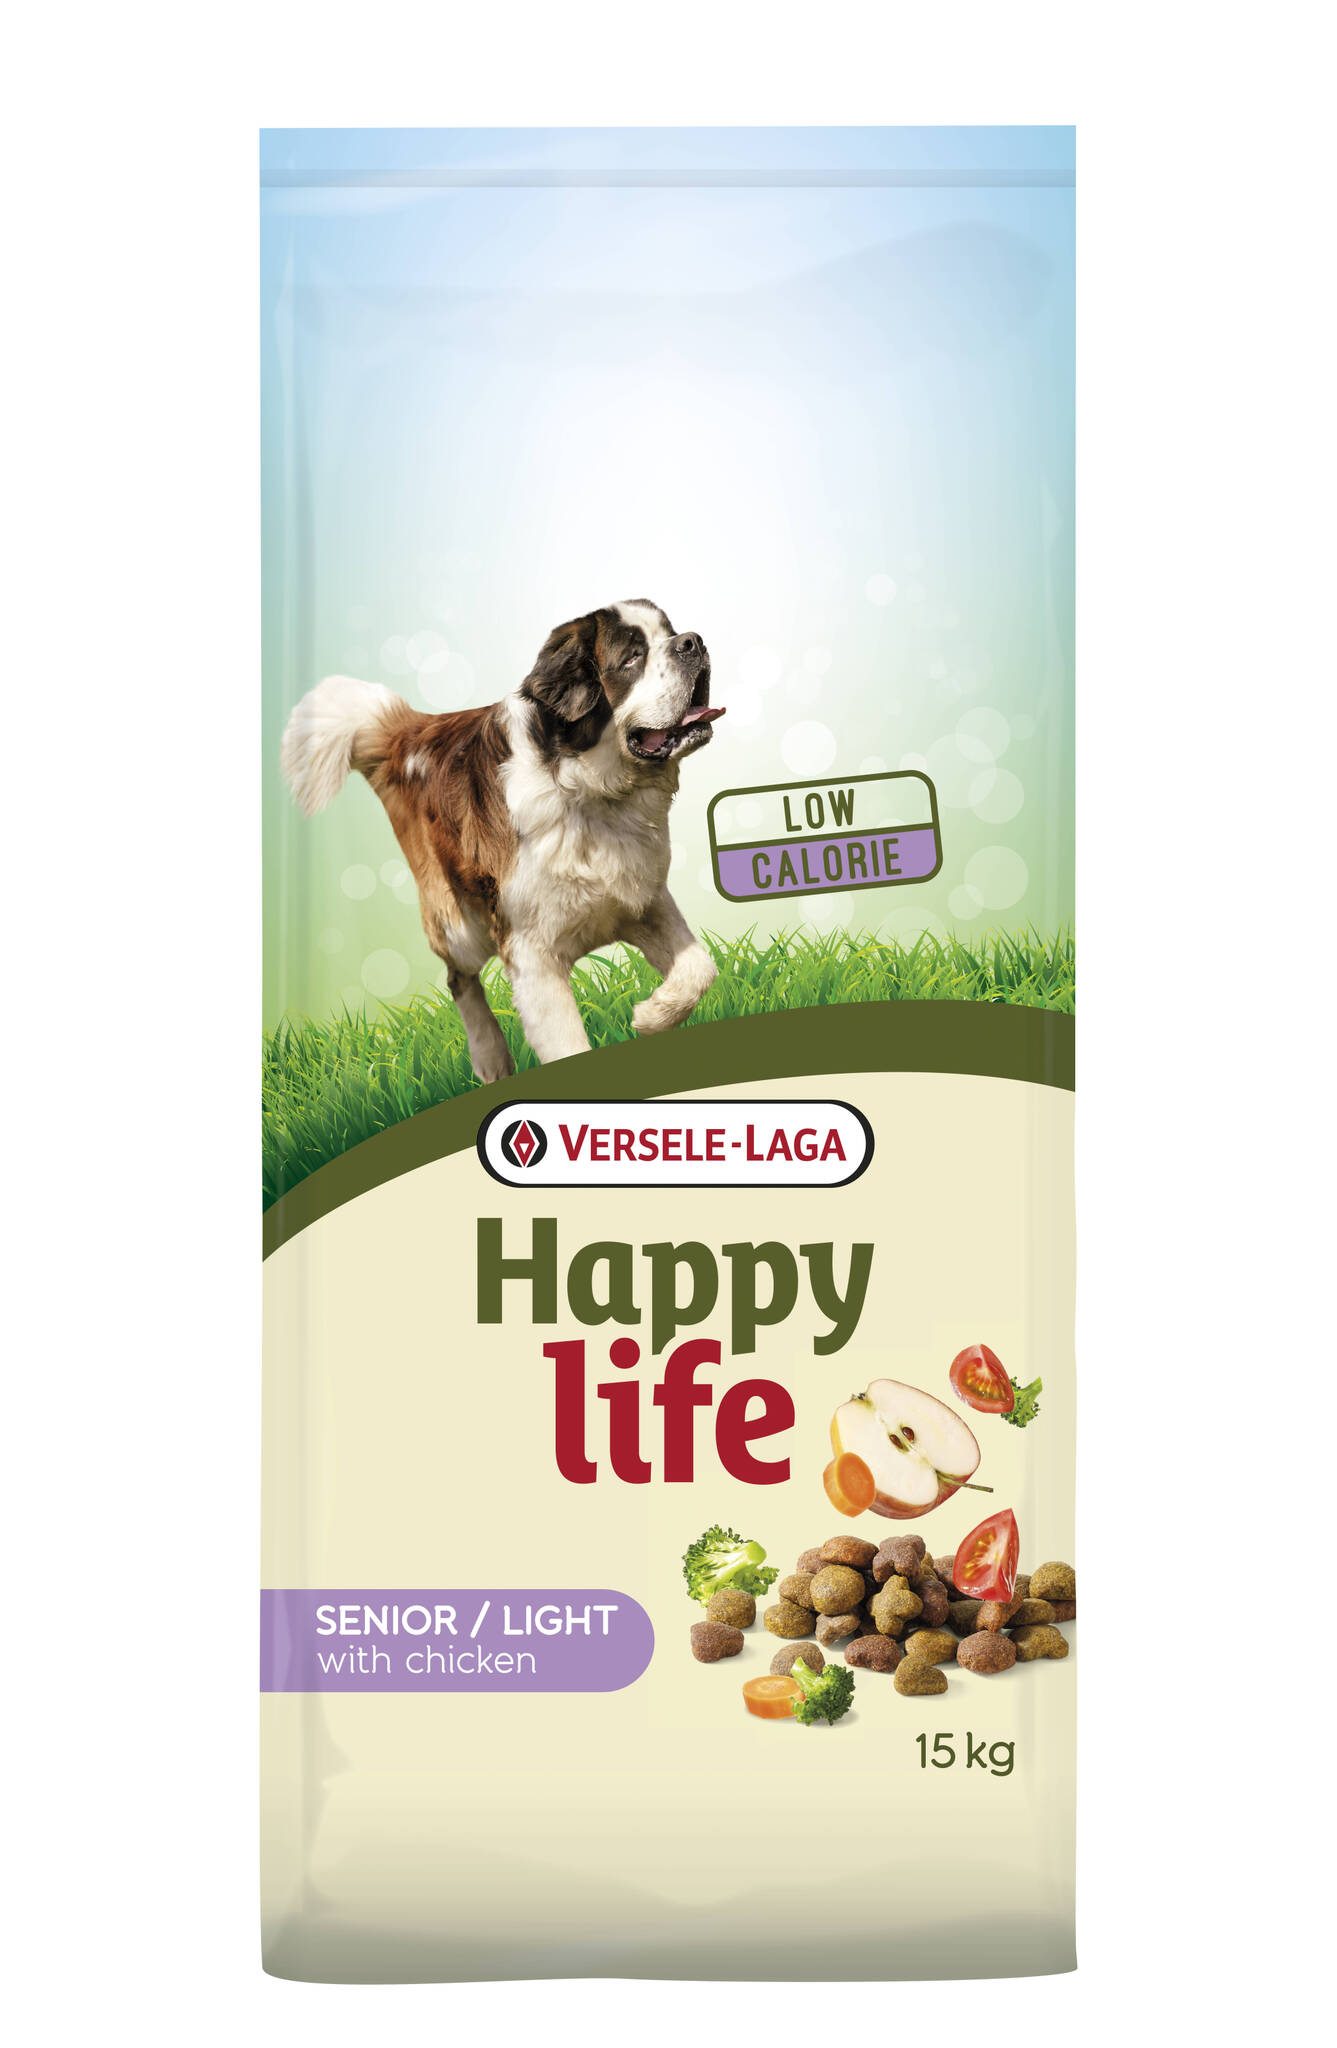 Happy Life Light Senior Chicken 15kg